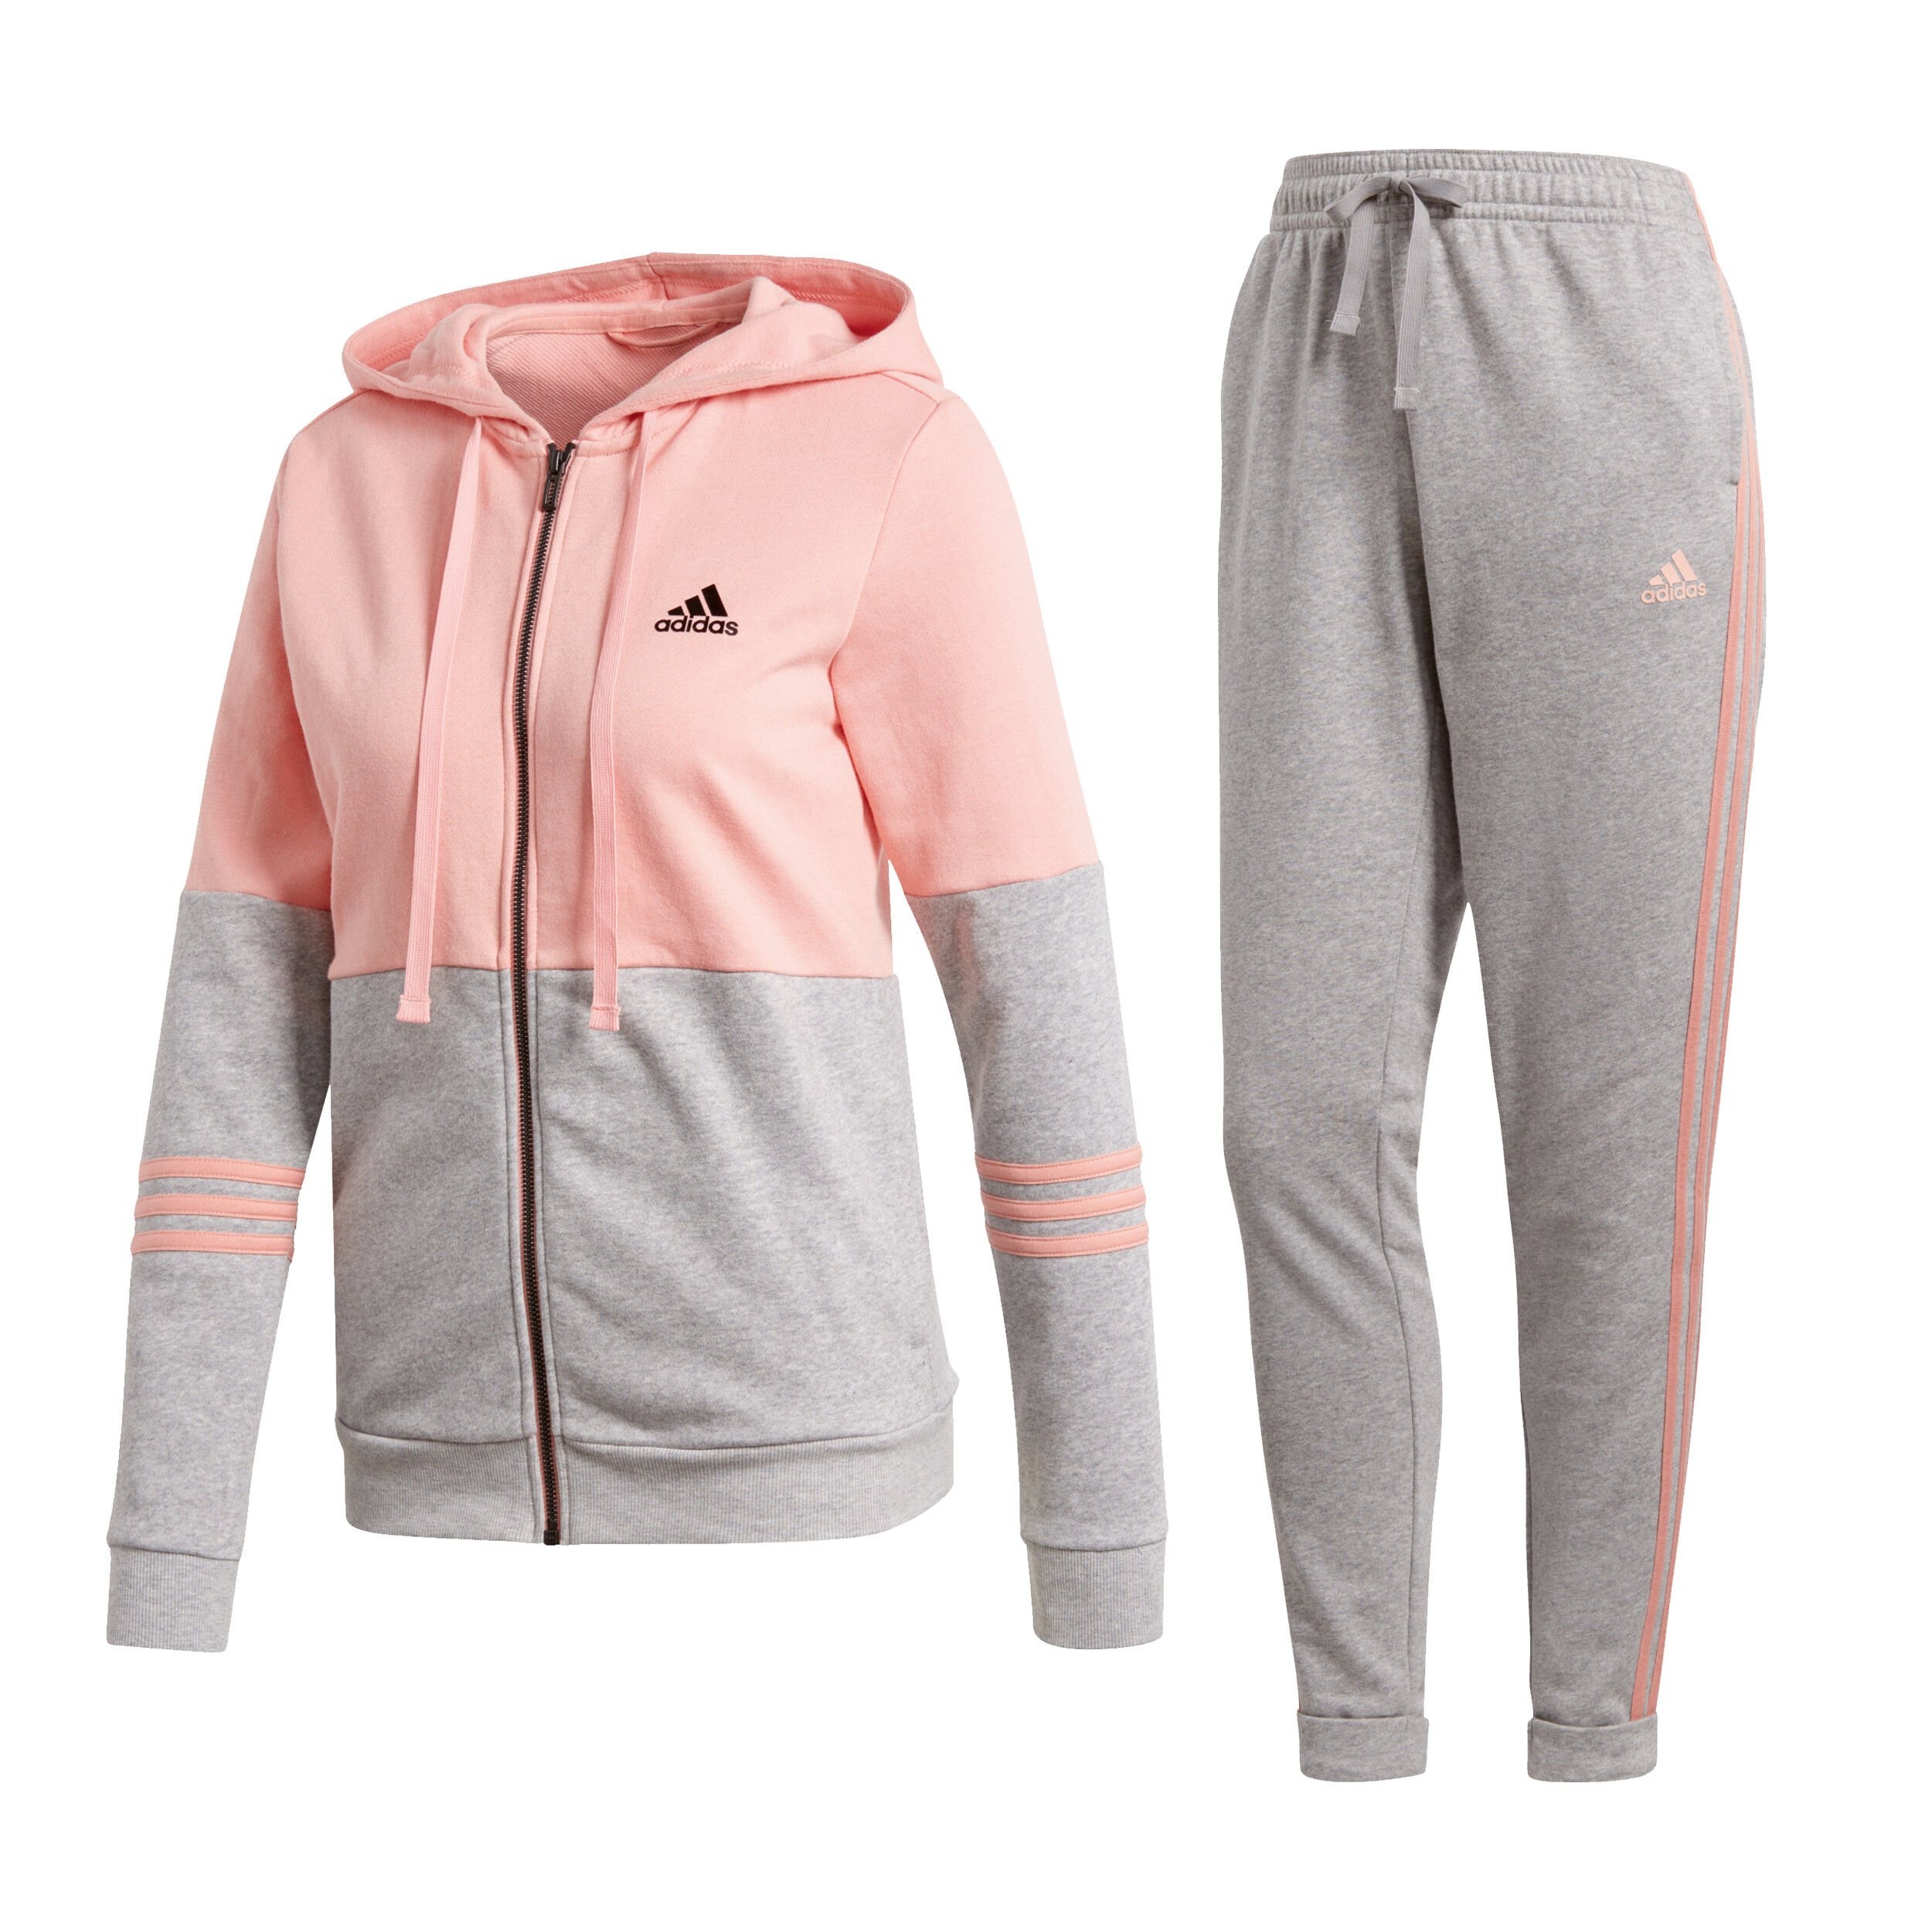 adidas Co Energize Trainingsanzug Damen Rosa, Hellgrau